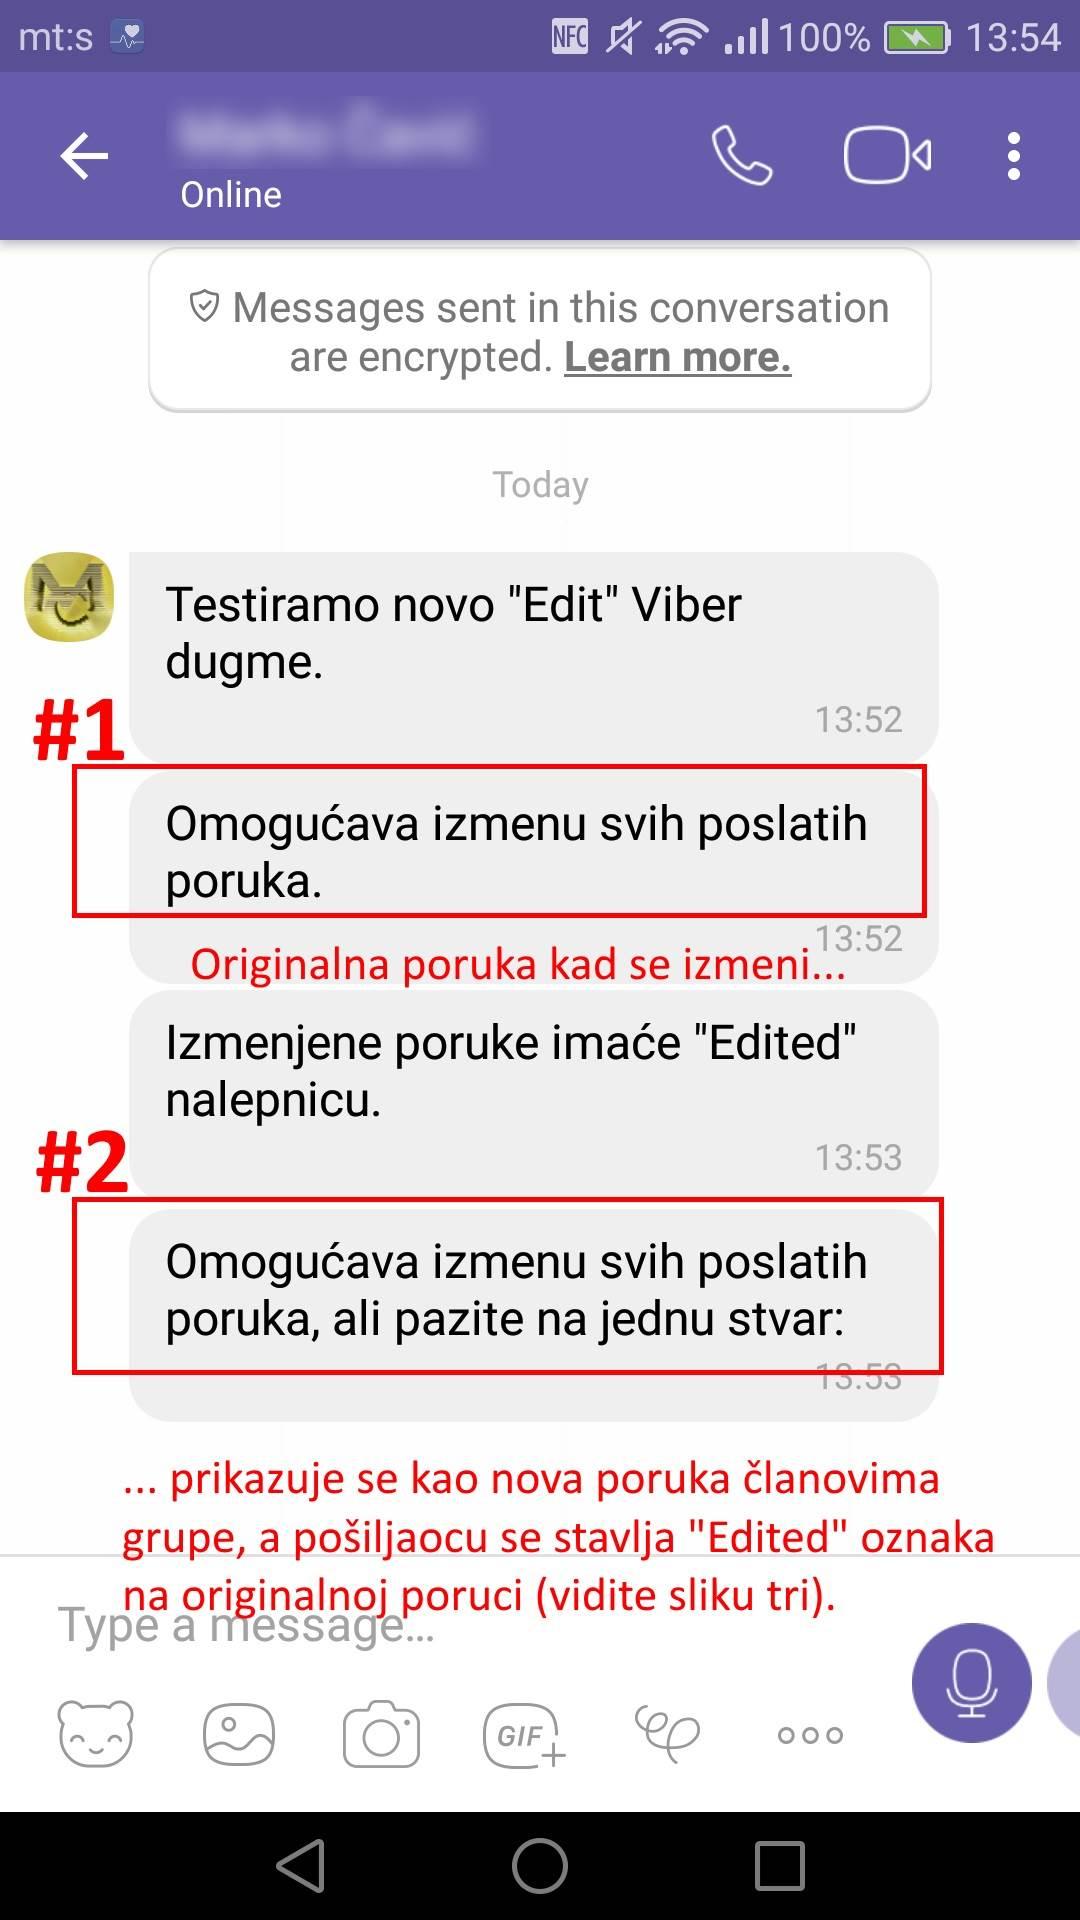 Viber: Čak 4 nove funkcije + opis svake i upotreba